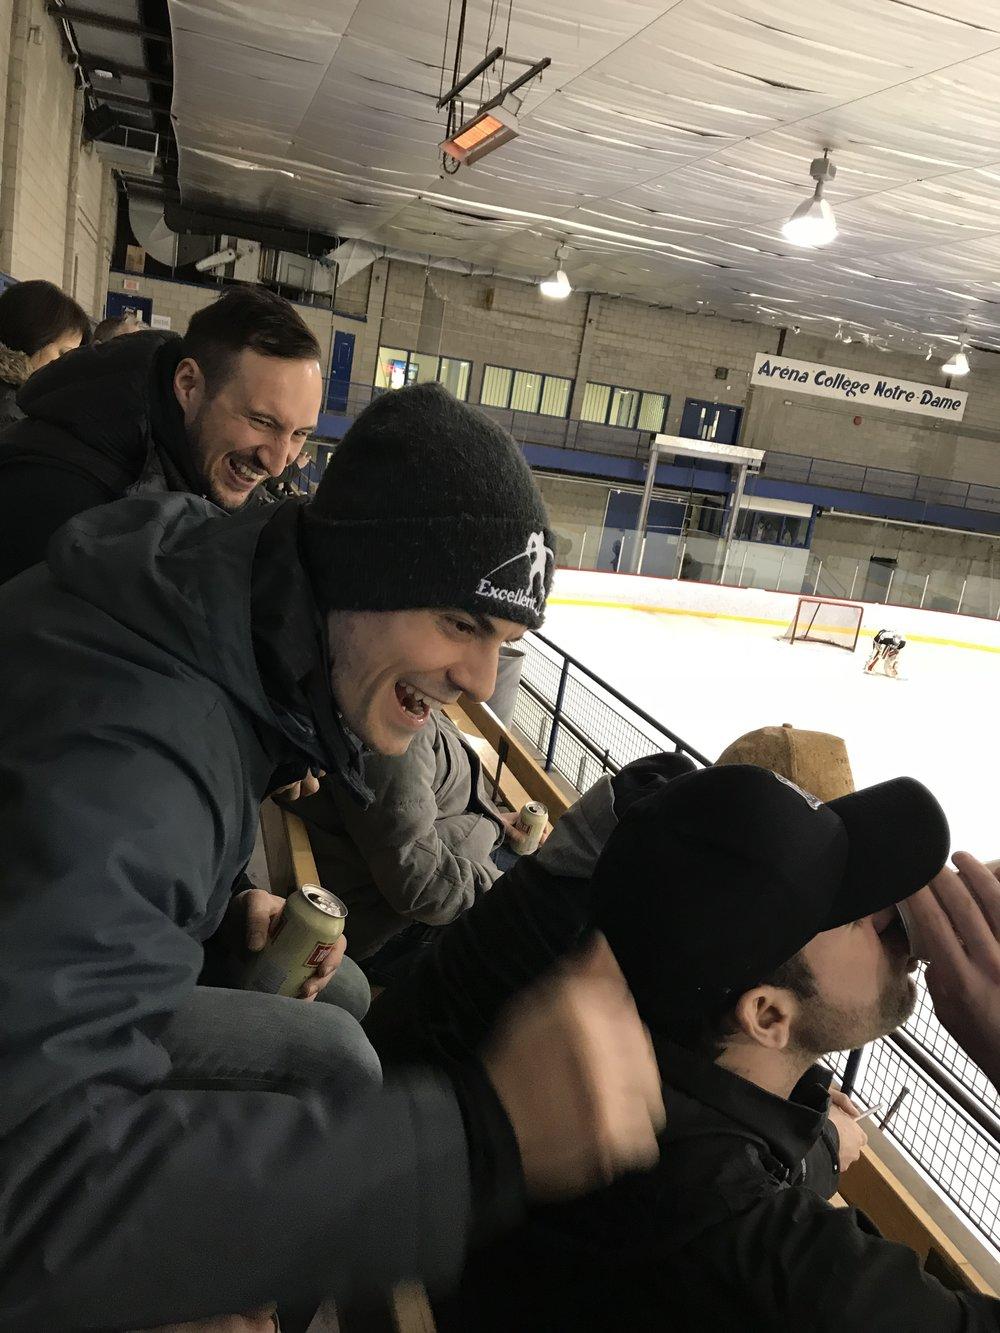 Pat, Dan et quelques membres des Météores qui sont restés dans les estrades après leur match pour profiter de la vie, boire une coupe de bières, regarder du hockey de série et surtout pour avoir du gros fun ! (photo Stefan Marquis)